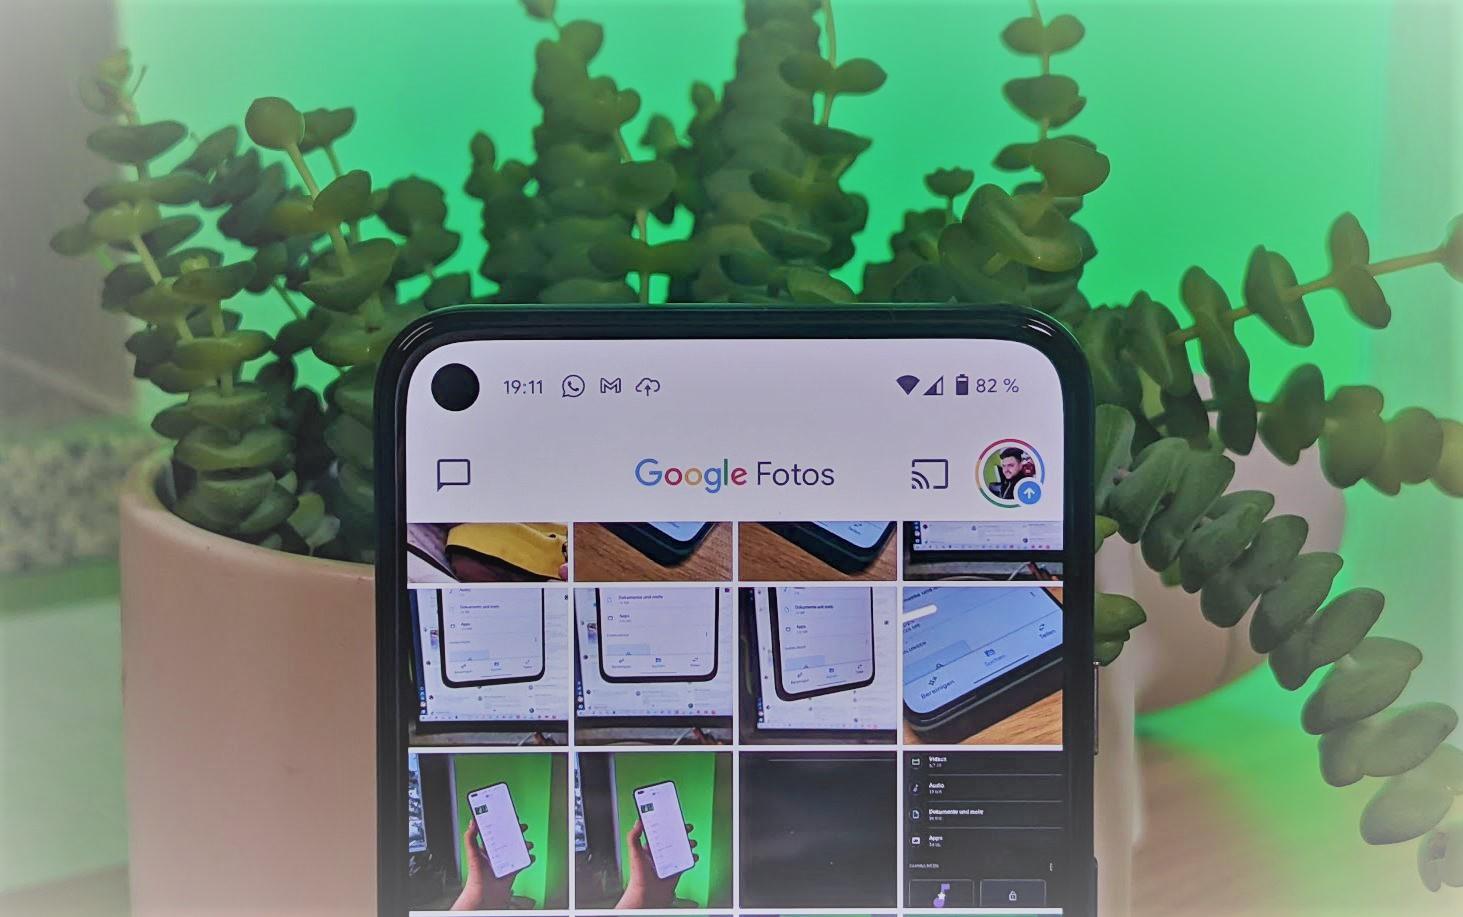 Neu für Google Fotos: Wie wir unsere Fotos bald noch leichter finden können